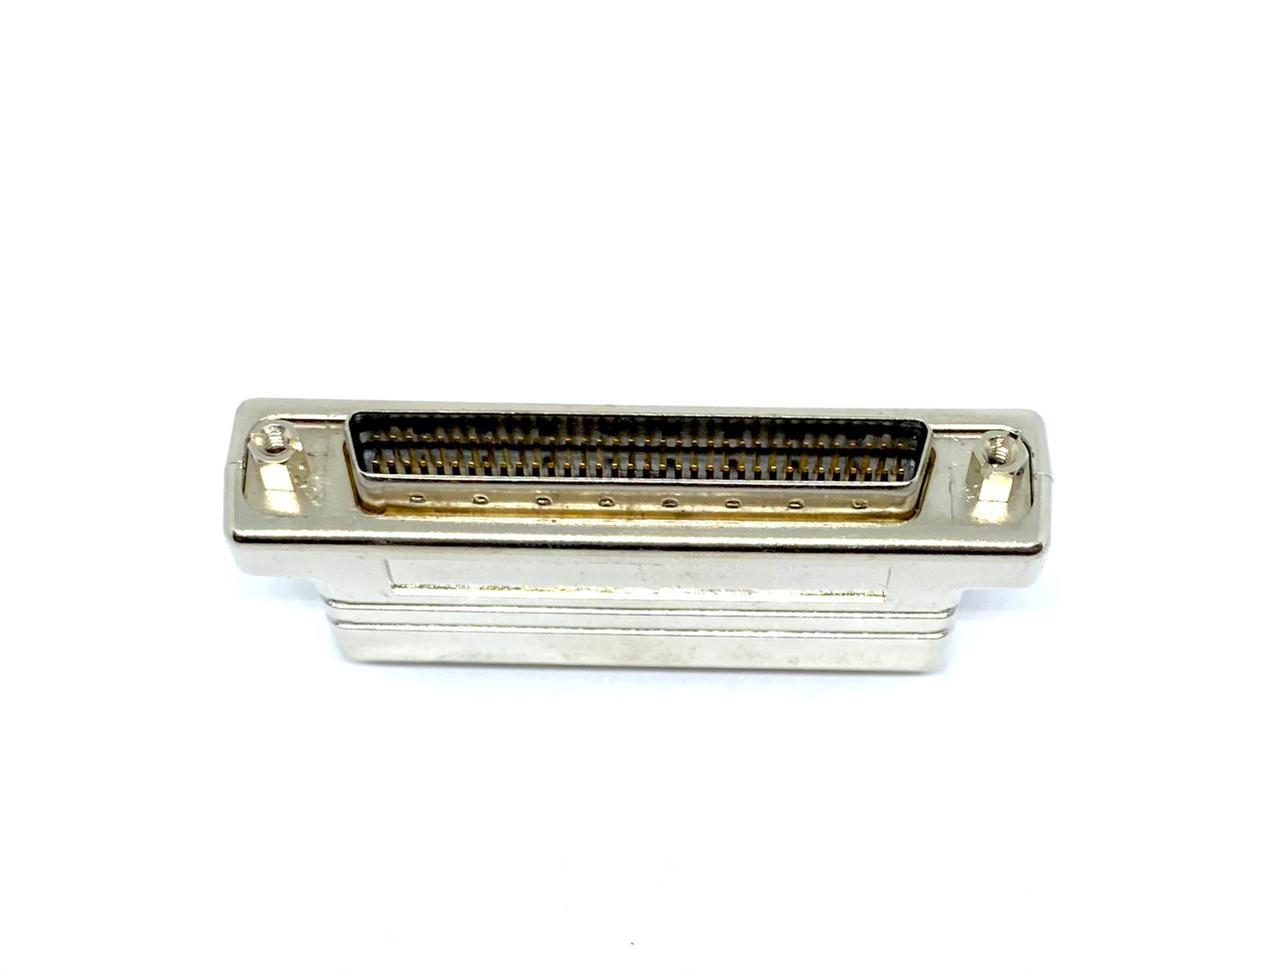 ADAPTADOR SCSI3 MACHO PARA SCSI2 MACHO AS140 (SCSI3M-SCSI2M)